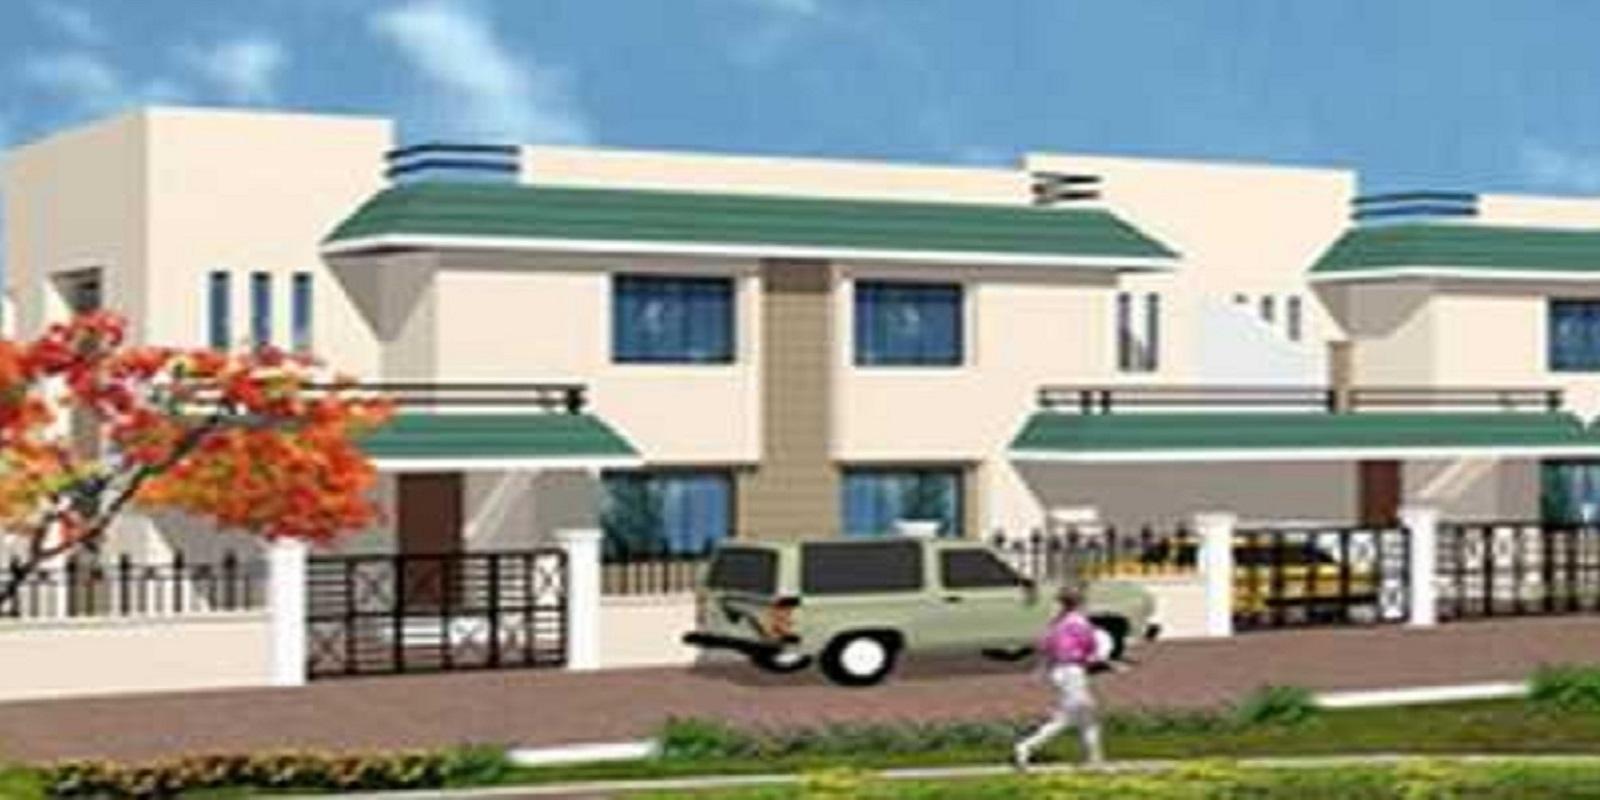 bu bhandari edenn garden project project large image1